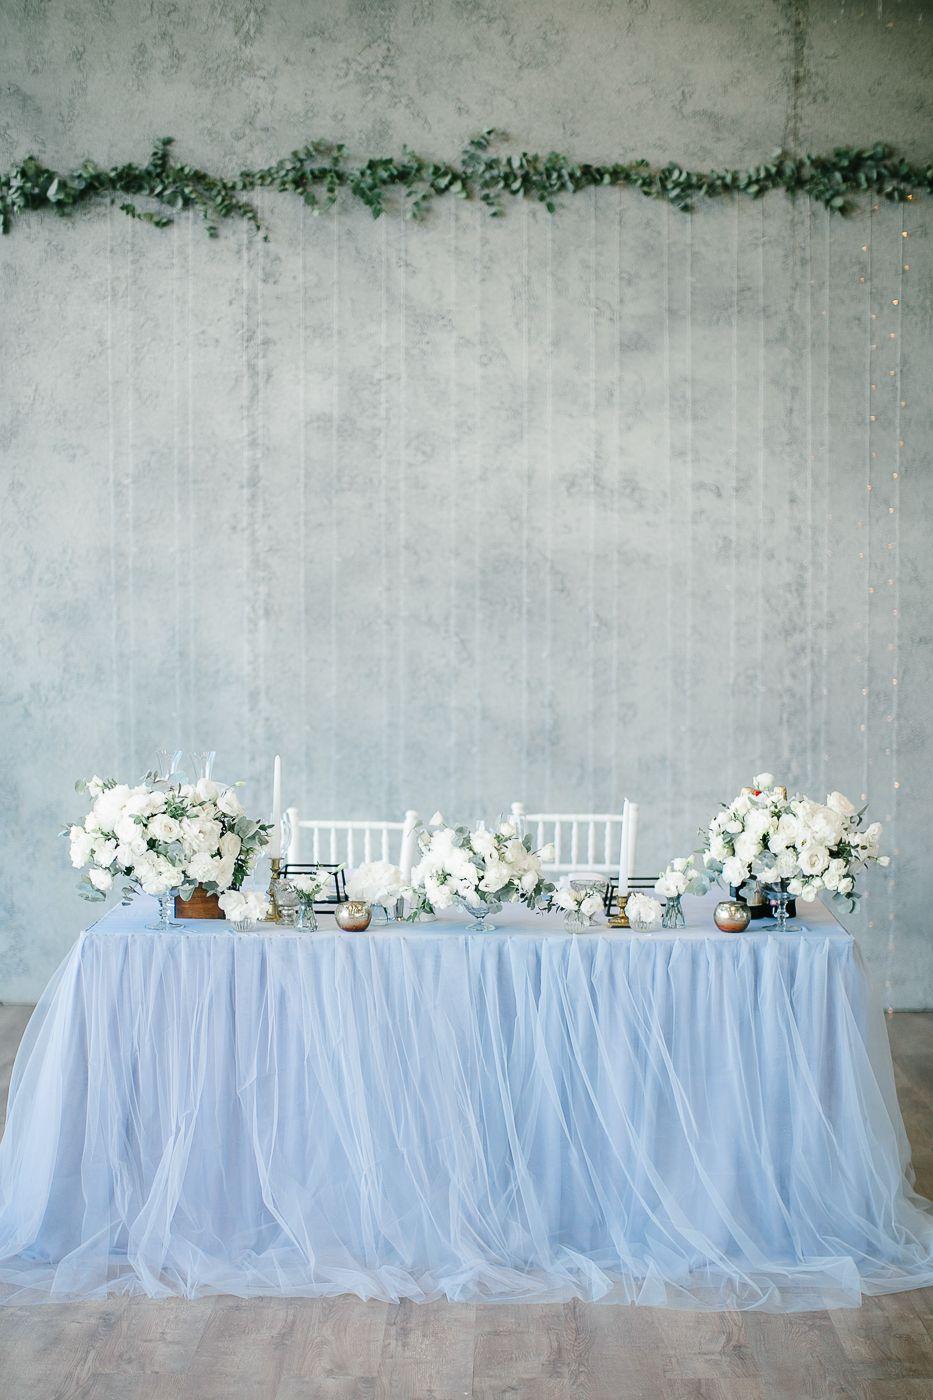 Стол молодоженов в лофте | Жемчужная свадьба | Pinterest | Wedding ...